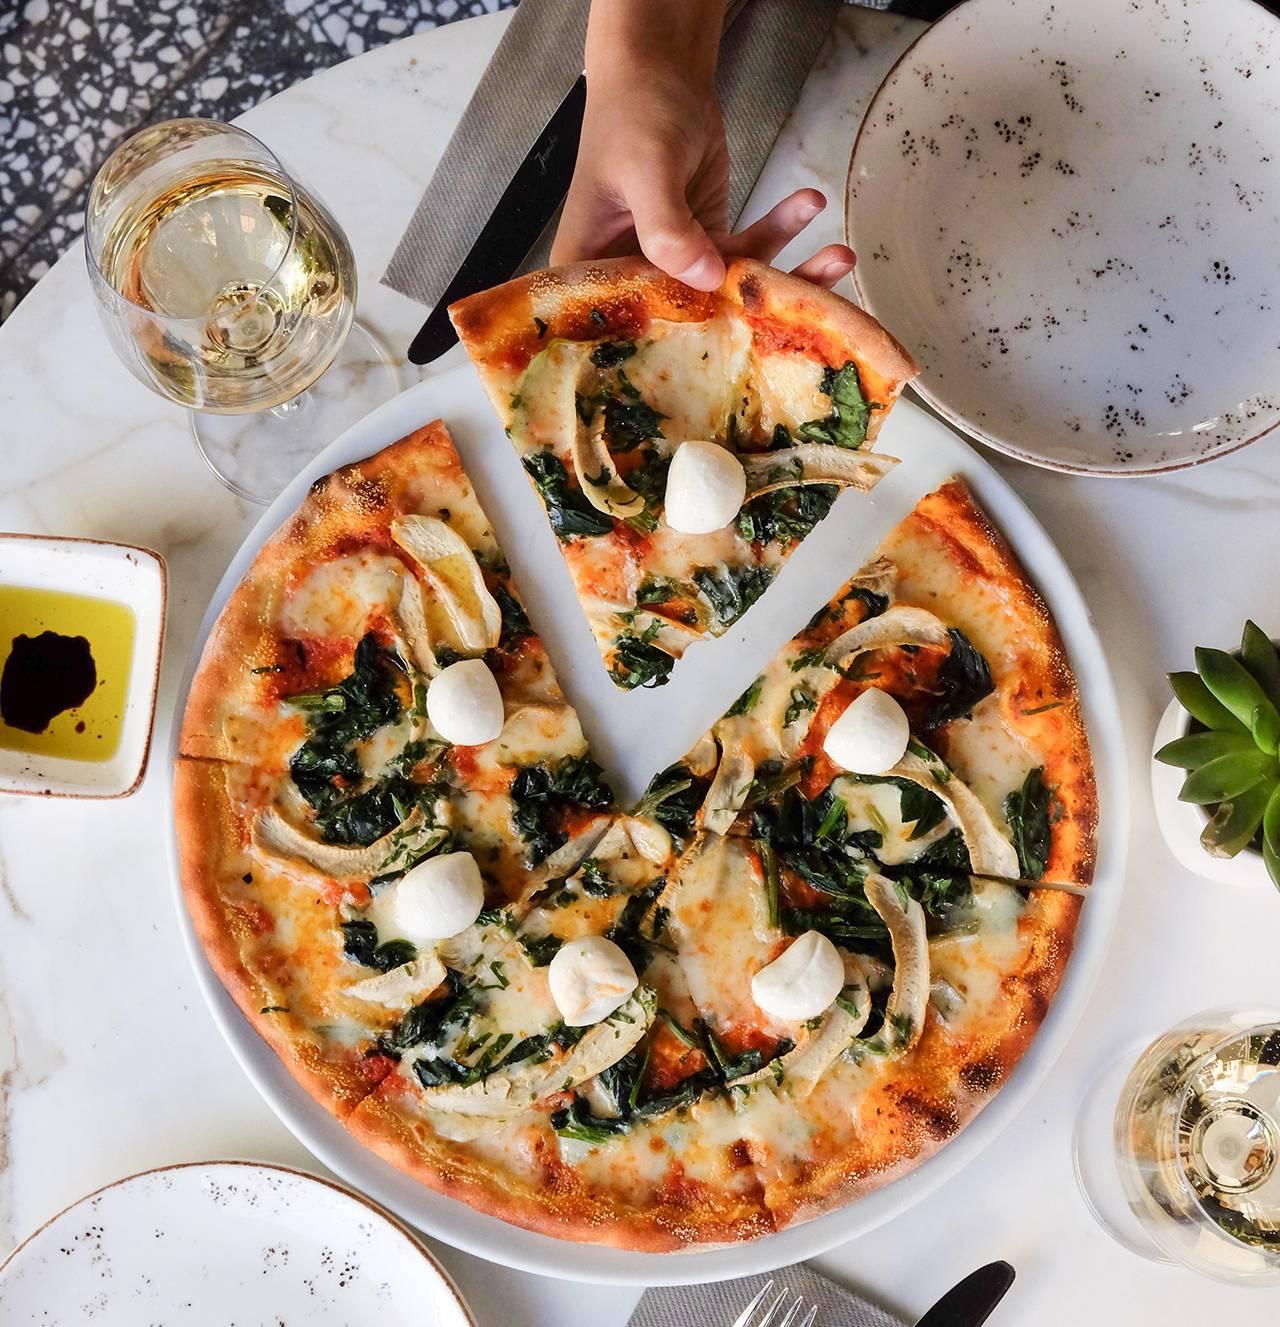 Цены на продукты и еду в Риме